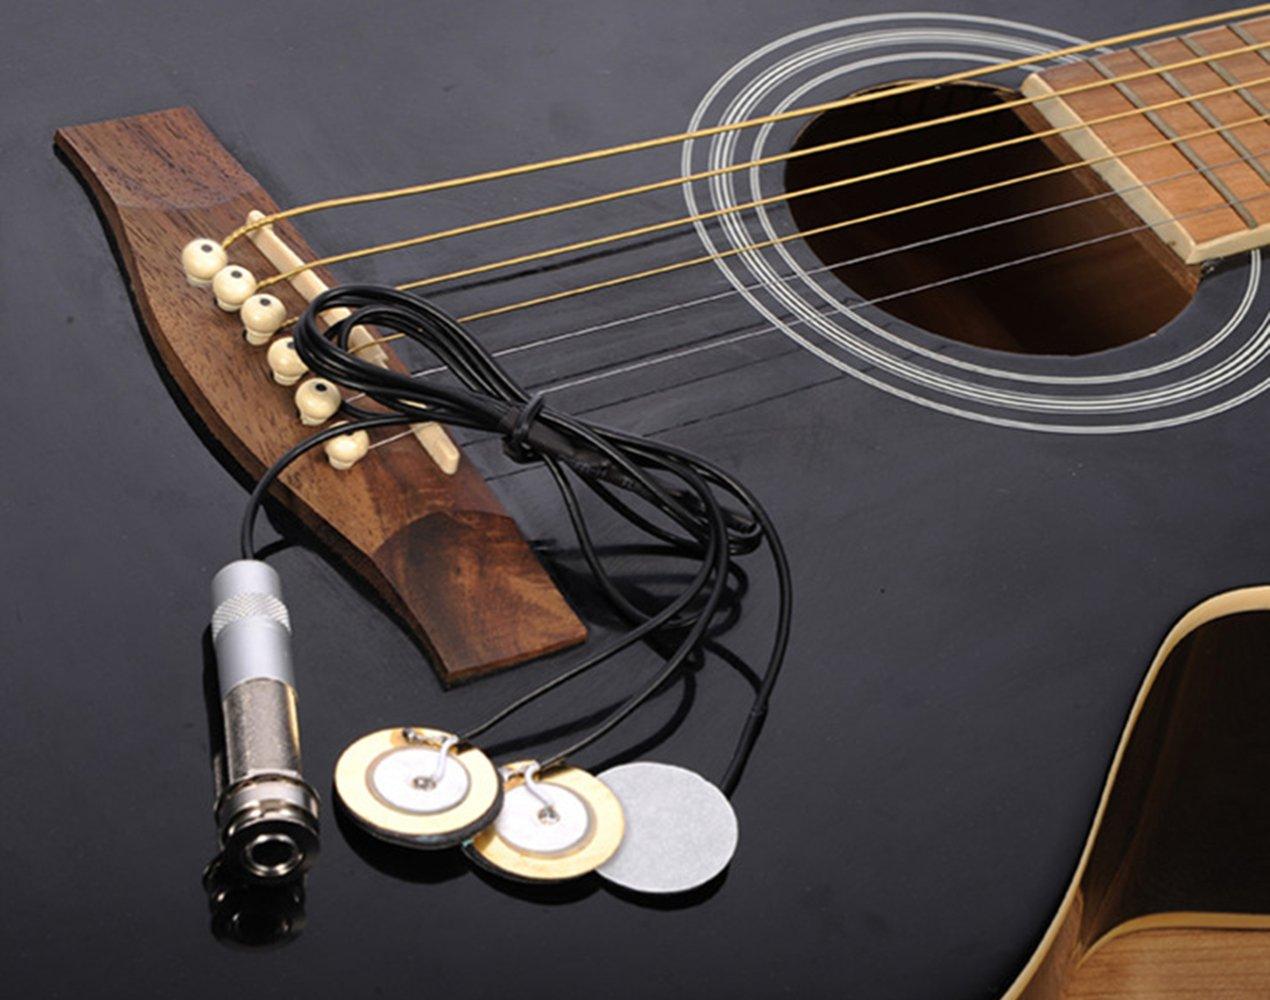 Pickup Piezo transductor para instrumentos de guitarra acústica, Micrófono Contacto 3 en 1 & Endpin Jack 6mm para Guitarra Violín Ukulele con 6 Plectro: ...